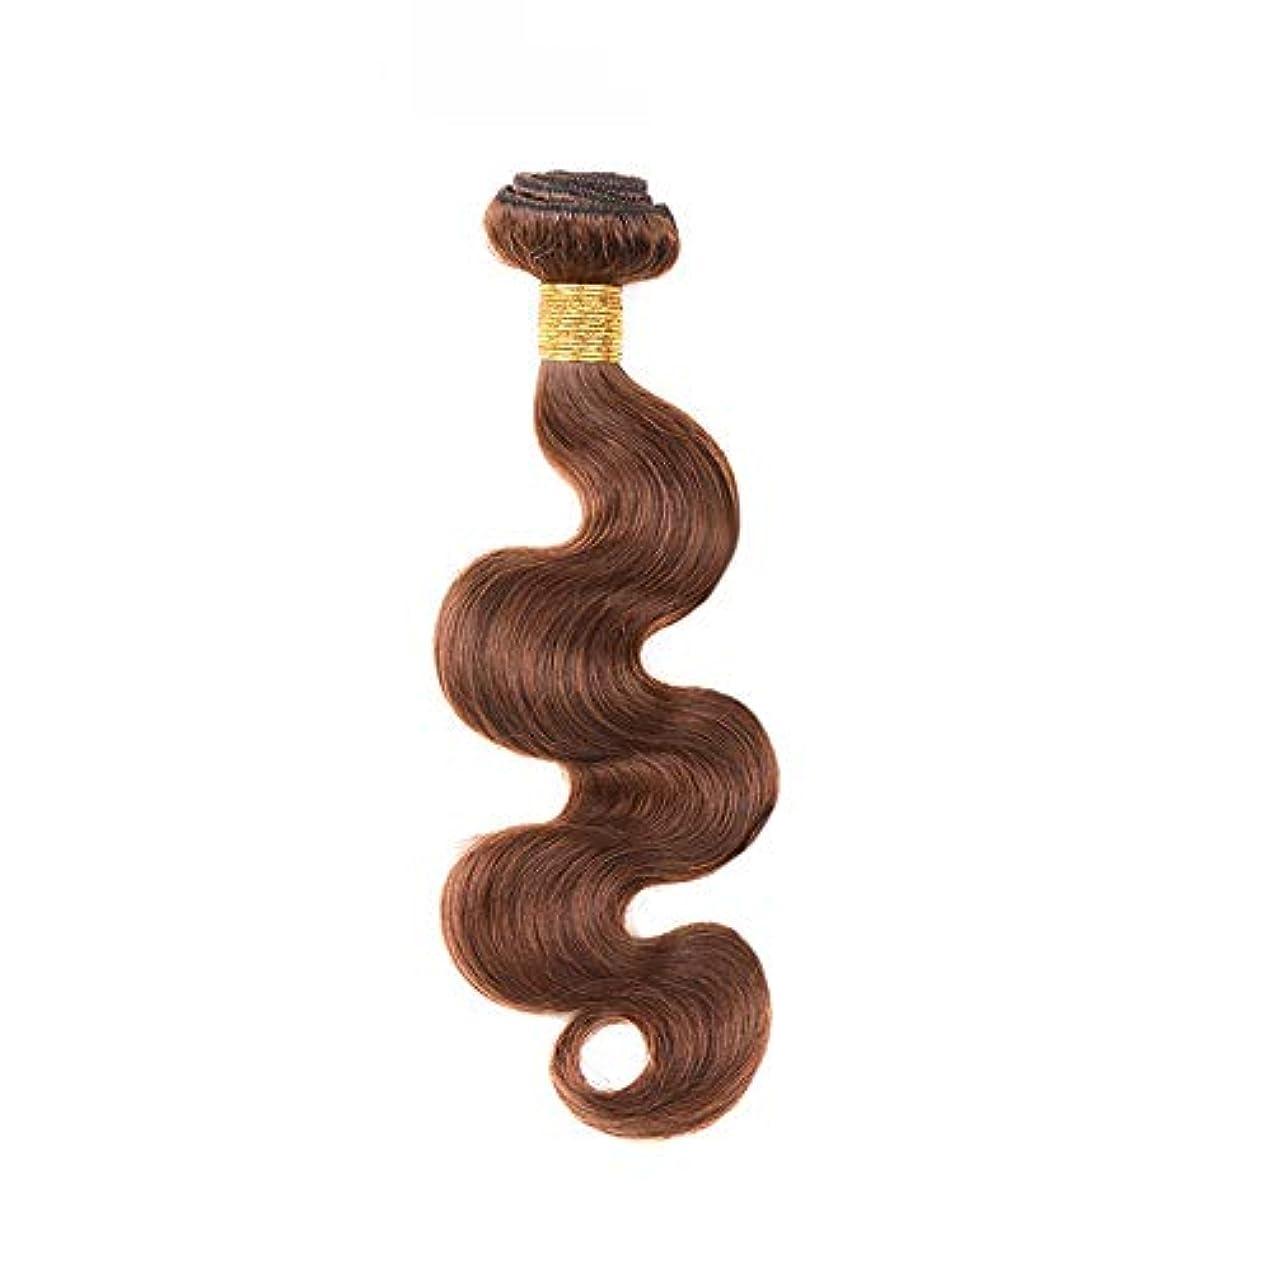 邪魔するバイオレット欠陥HOHYLLYA 茶色の人間の髪織りバンドルリアルレミーナチュラルヘアエクステンション横糸 - 実体波 - 4#ブラウン(1バンドル、10インチ-24インチ、100g)合成髪レースかつらロールプレイングウィッグロング&ショート...